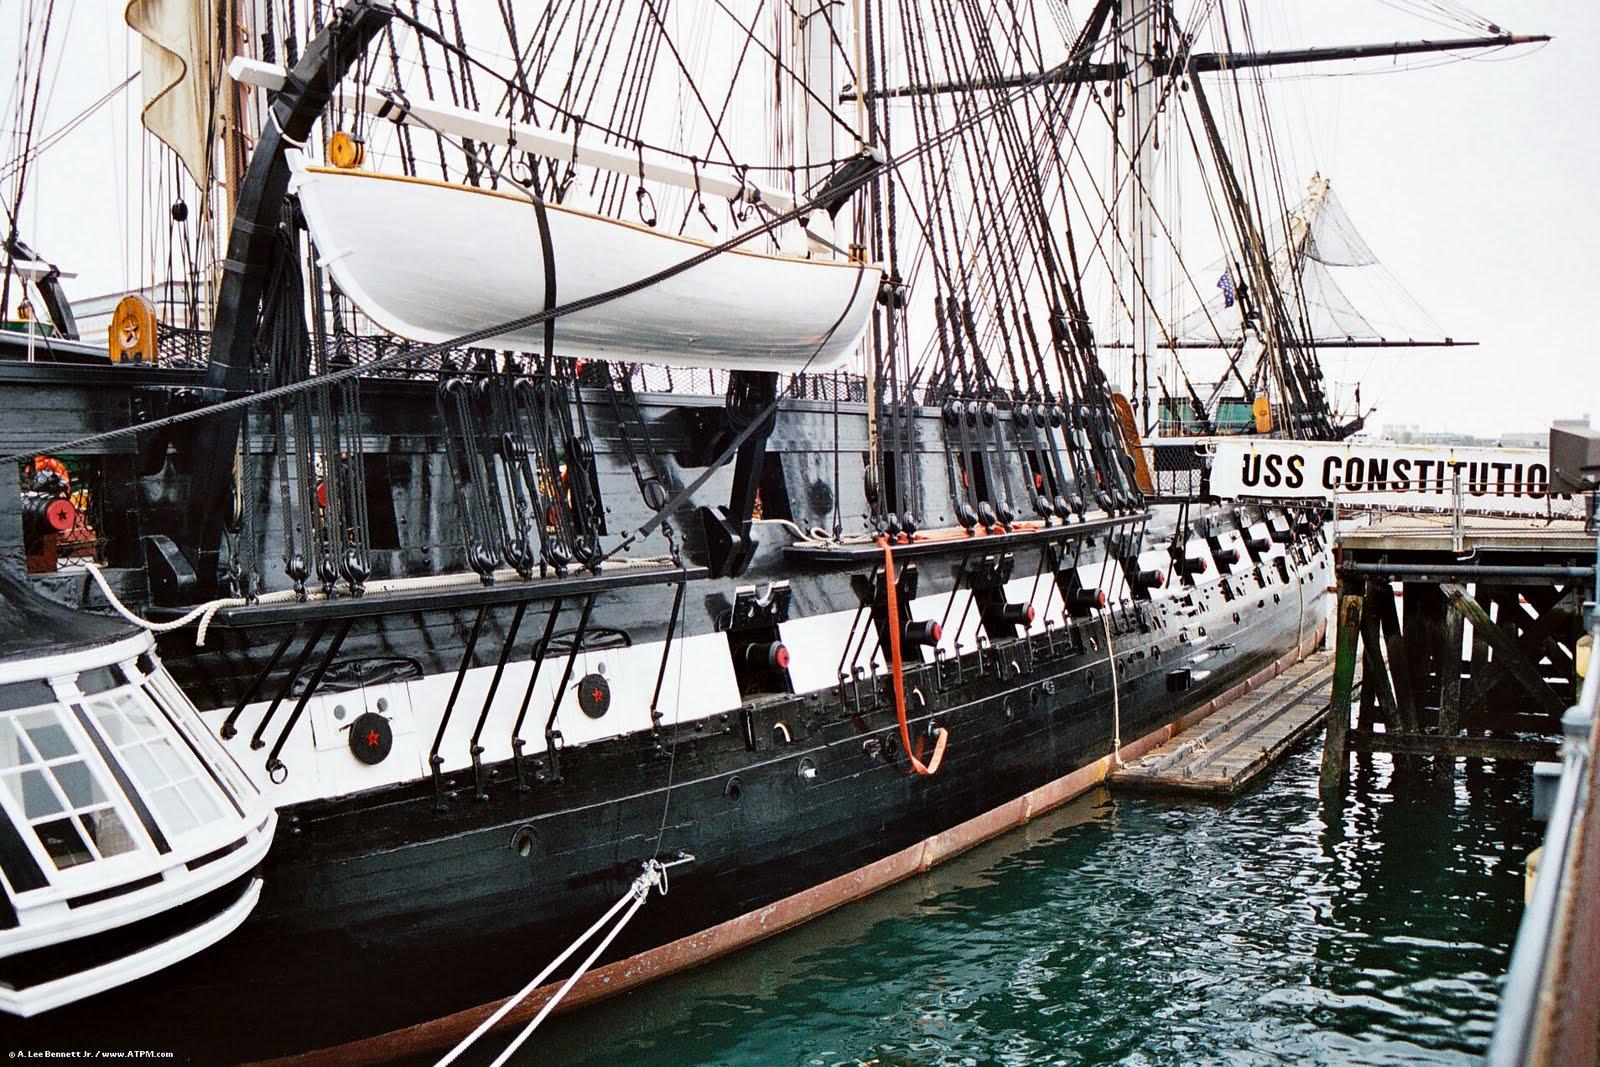 USS Constitution o mais antigo navio de guerra ainda em serviço construído com com cordas e armações feitas de cânhamo, foi batizado por George Washington